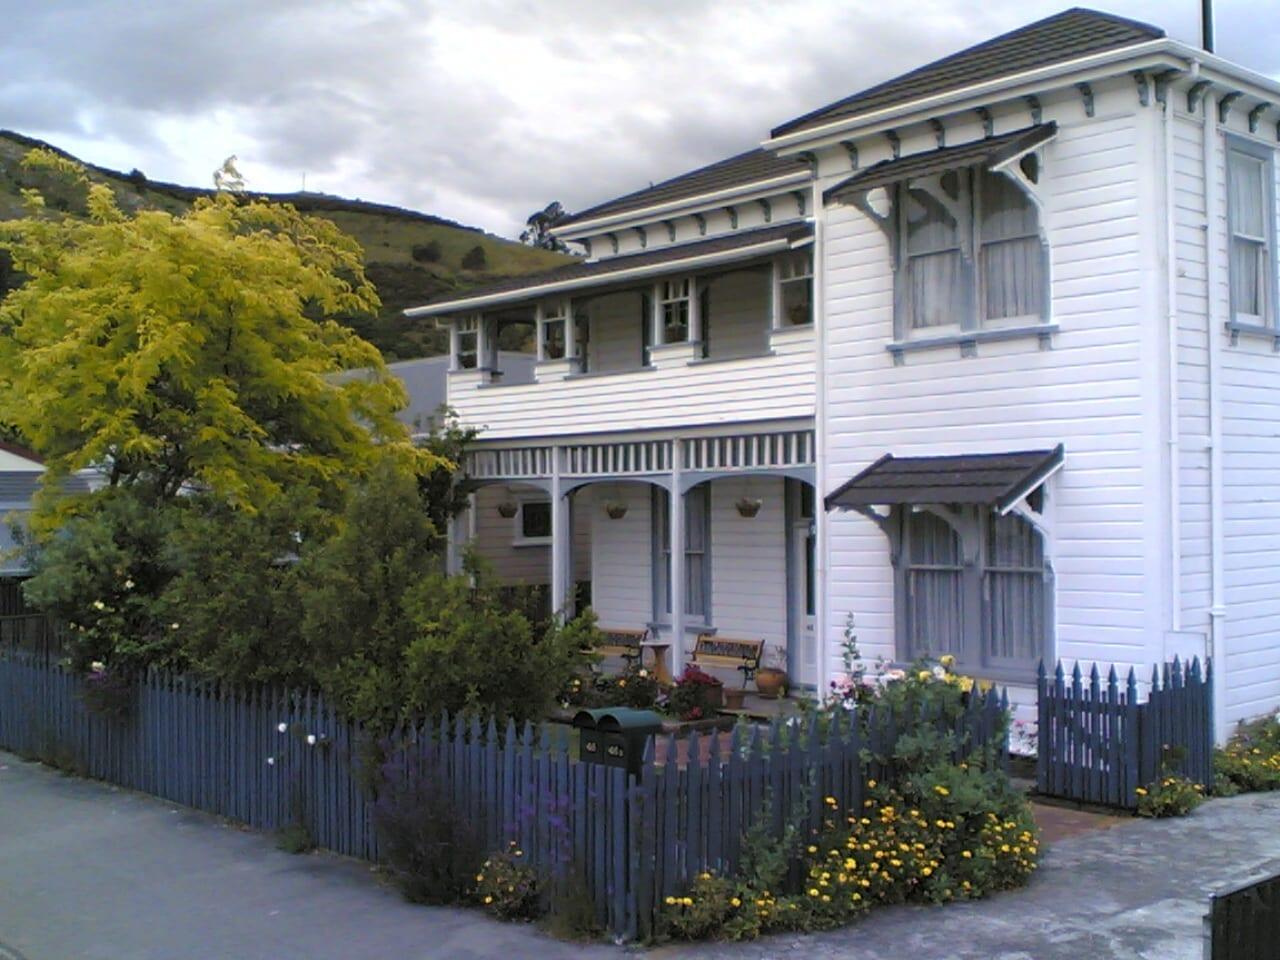 1897 Amber House con el centro de Nueva Zelanda visible por encima de la línea del techo). Nelson Nueva Zelanda